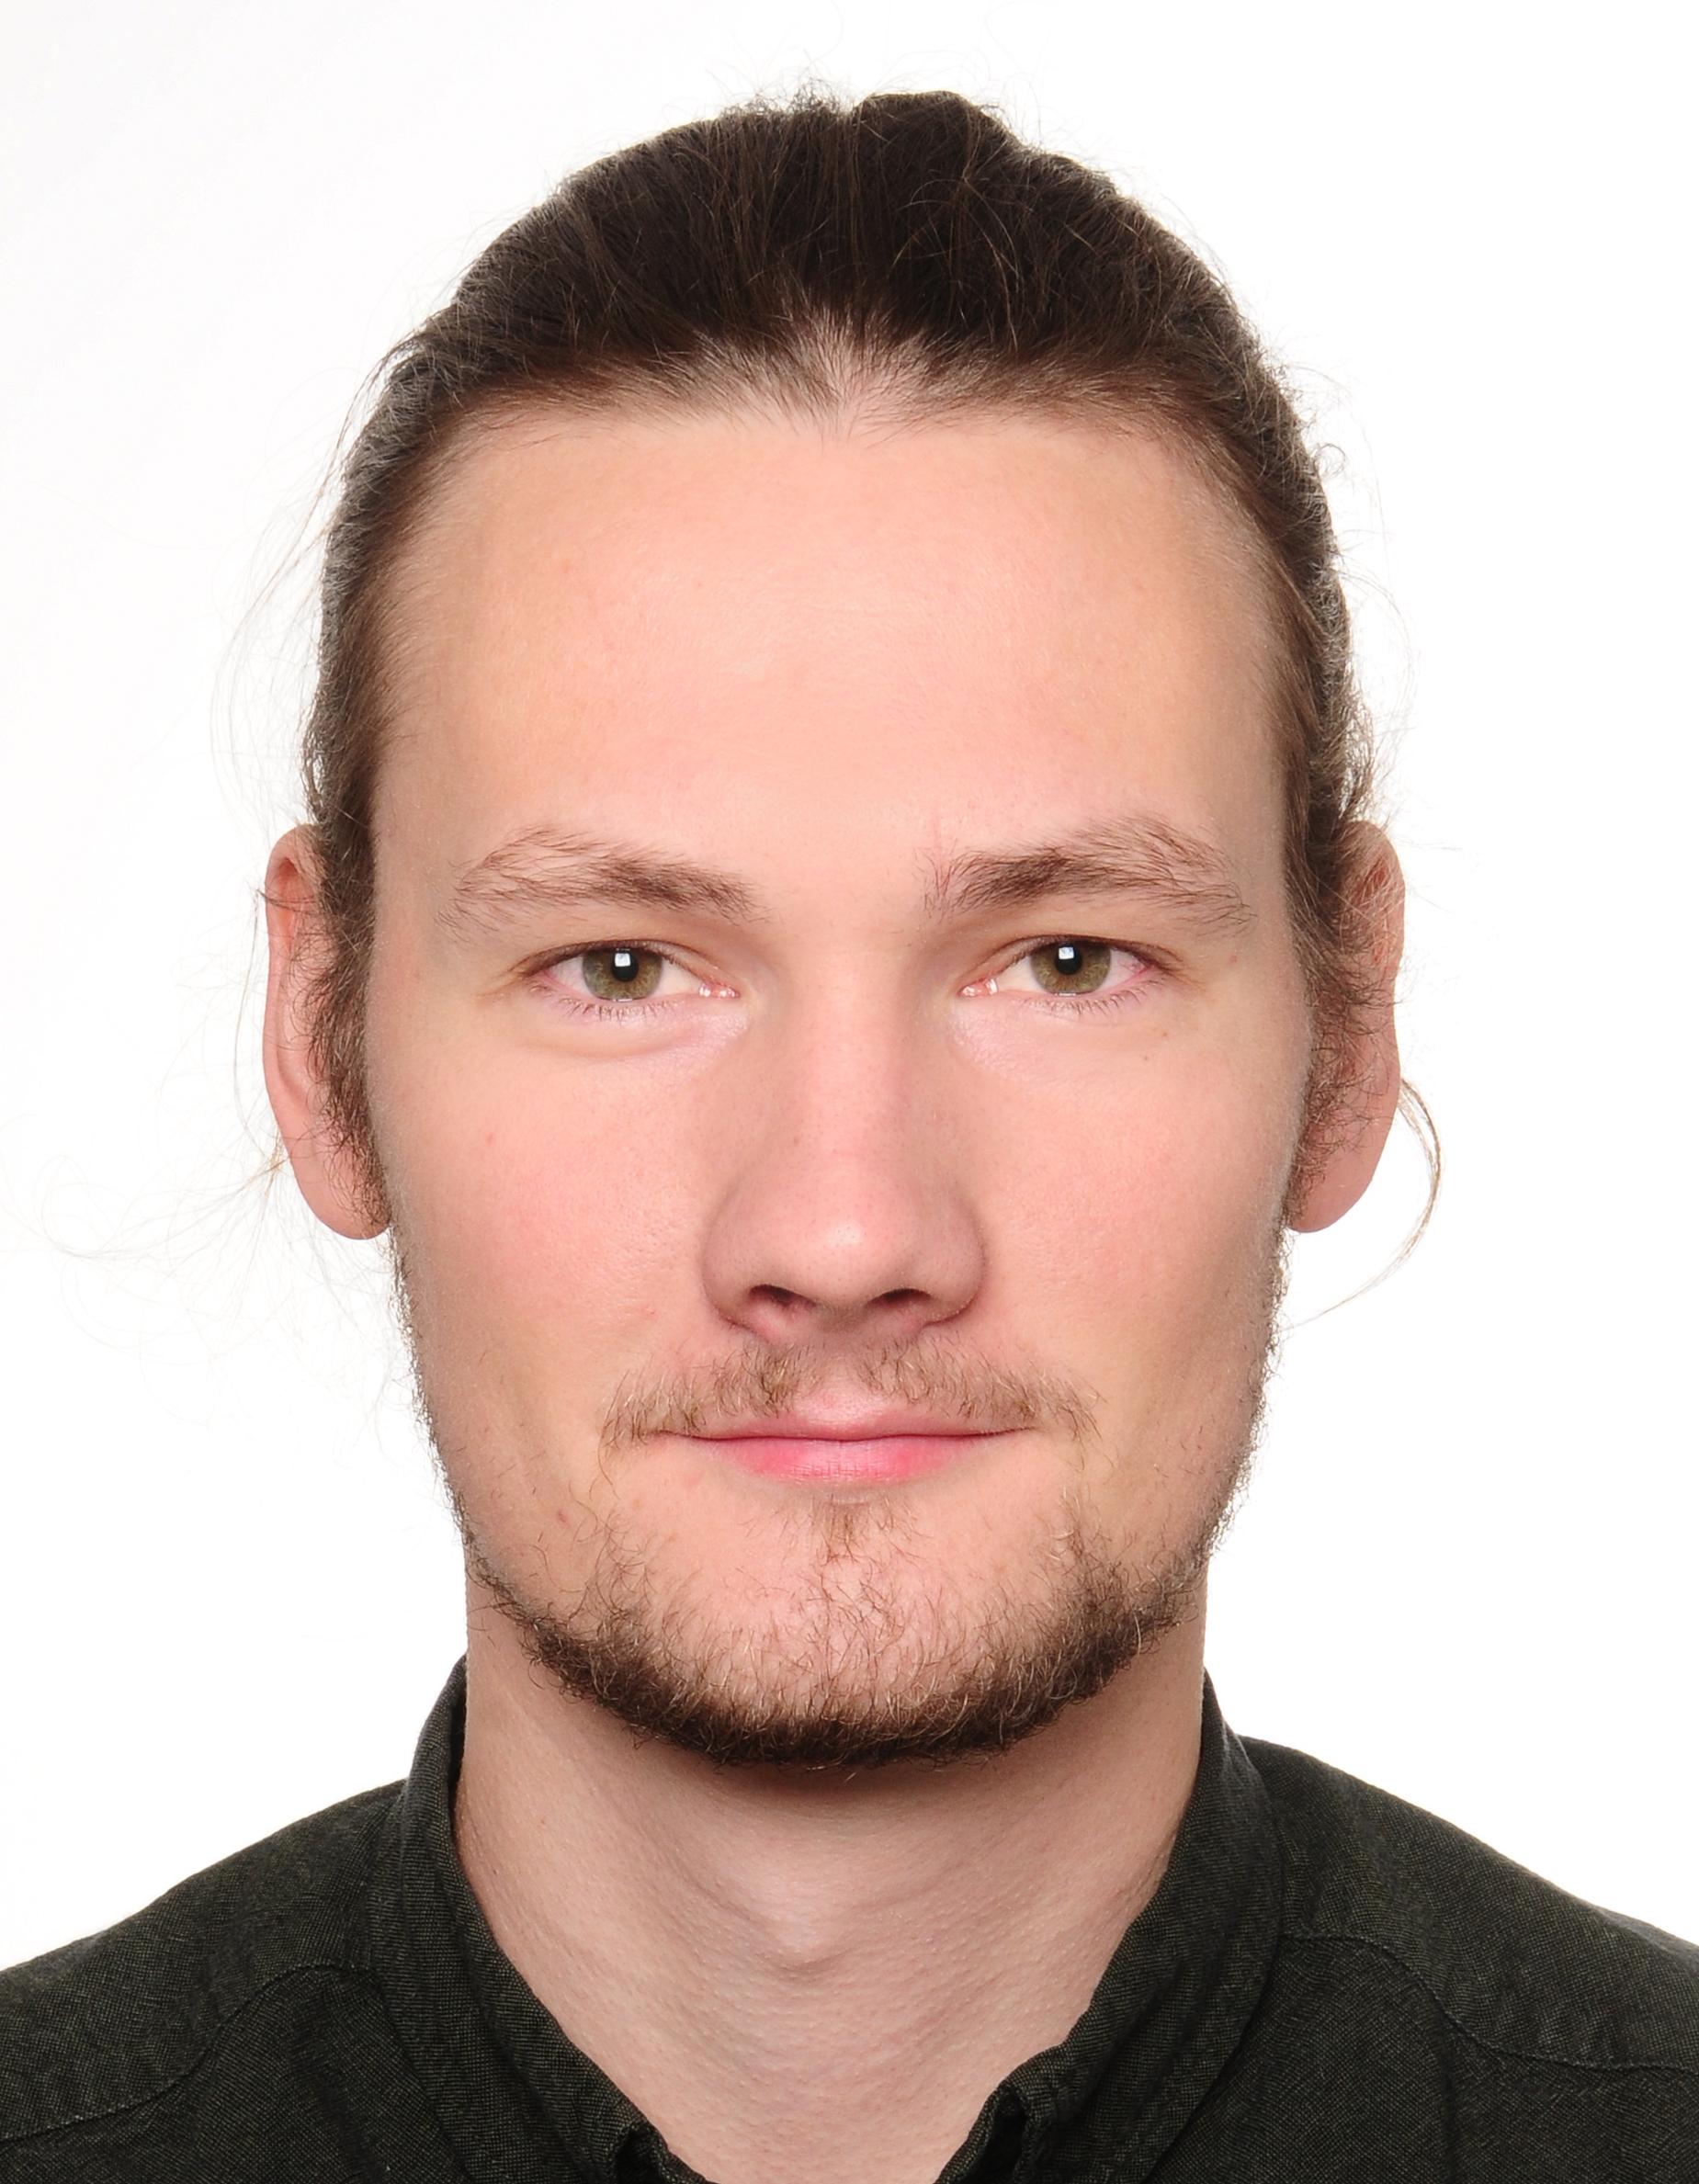 Markus Schemmel